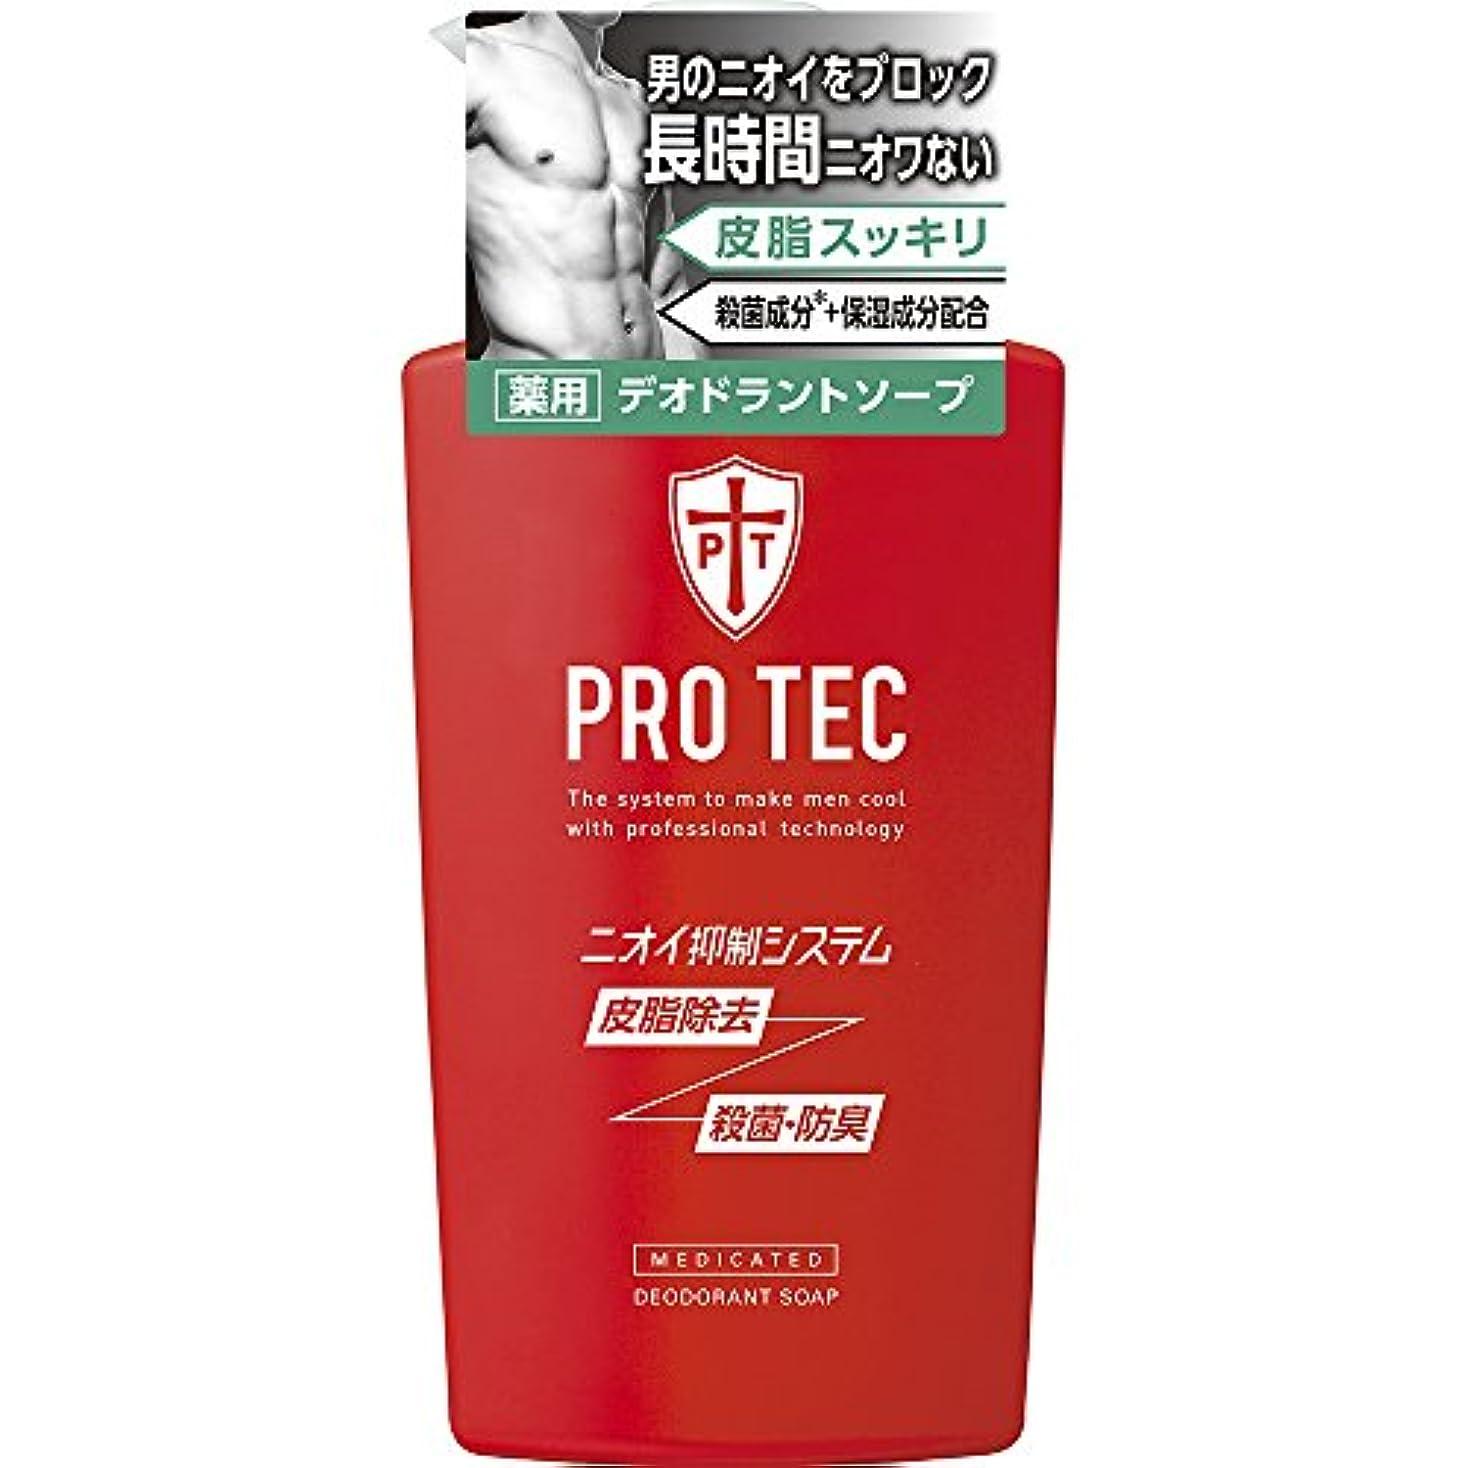 怠静かに倍率PRO TEC(プロテク) デオドラントソープ 本体ポンプ 420ml